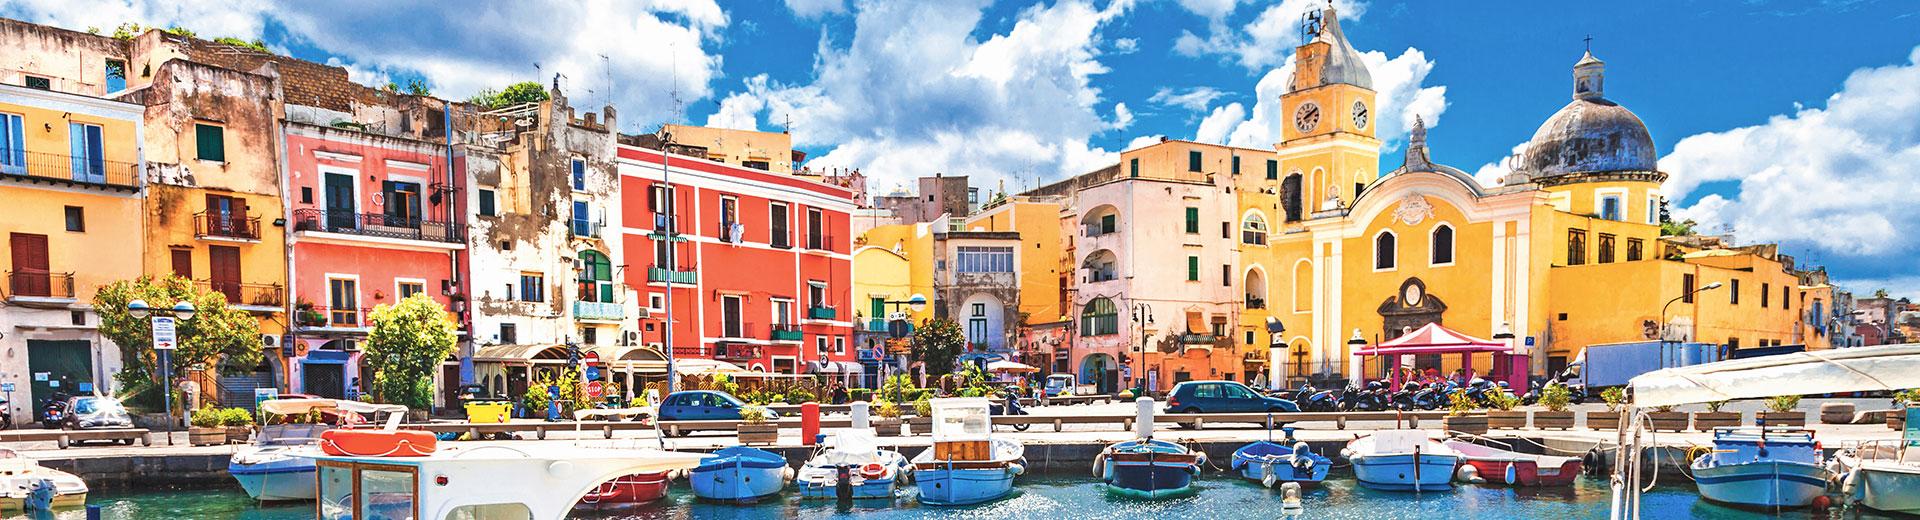 Städtereise Neapel – Flug und Hotel